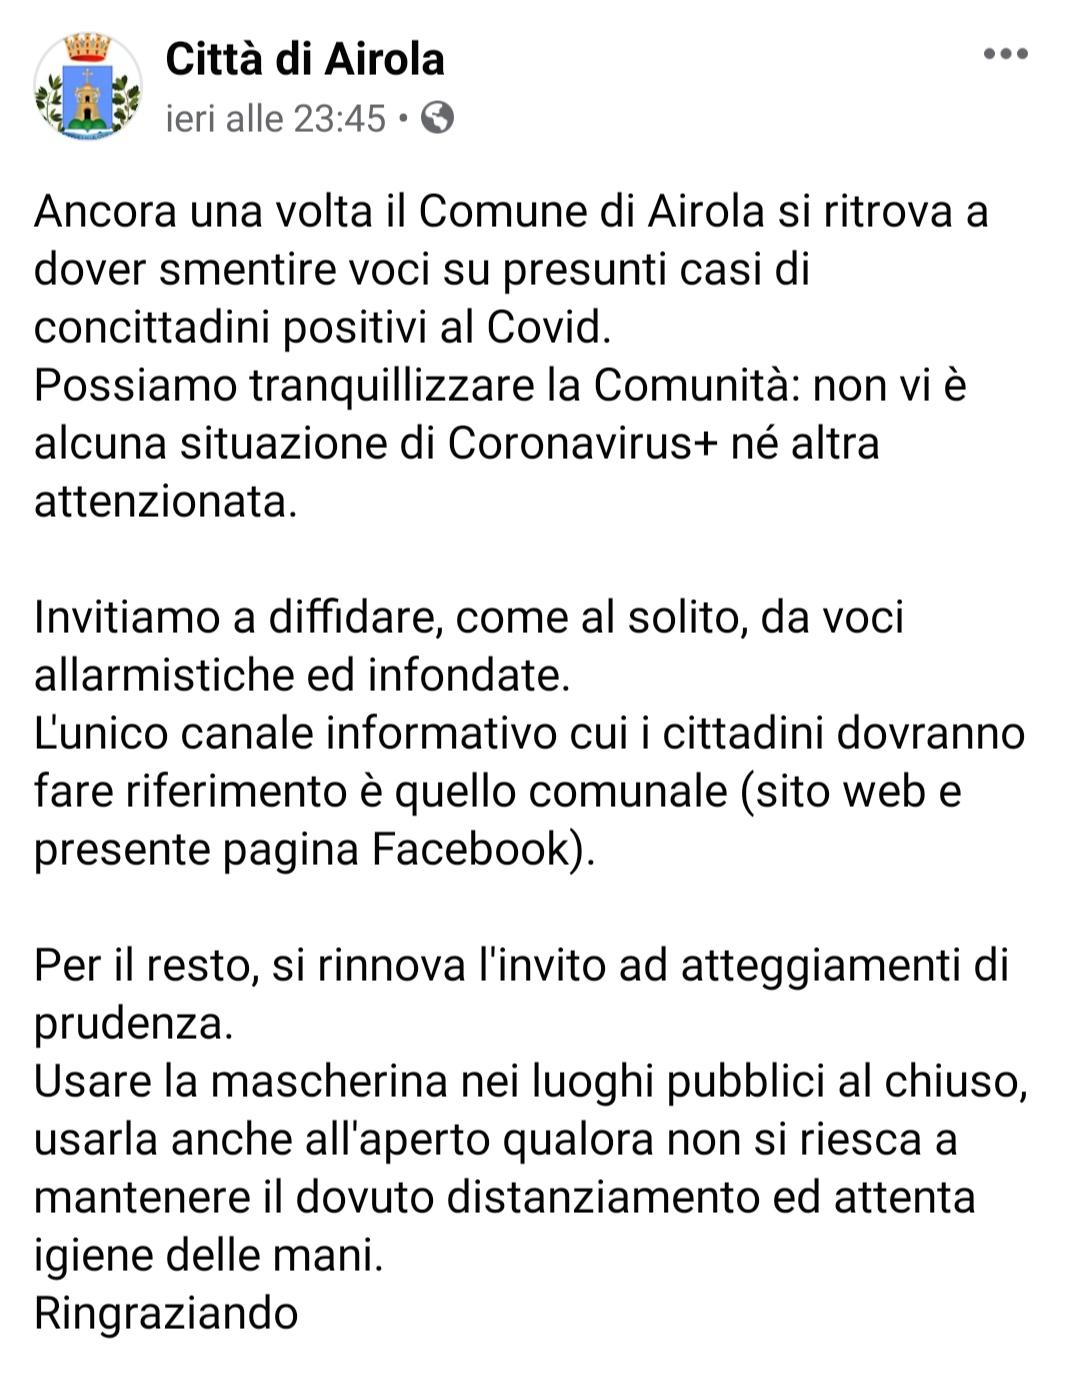 """Airola, Comune smentisce """"Nessun contagio"""""""